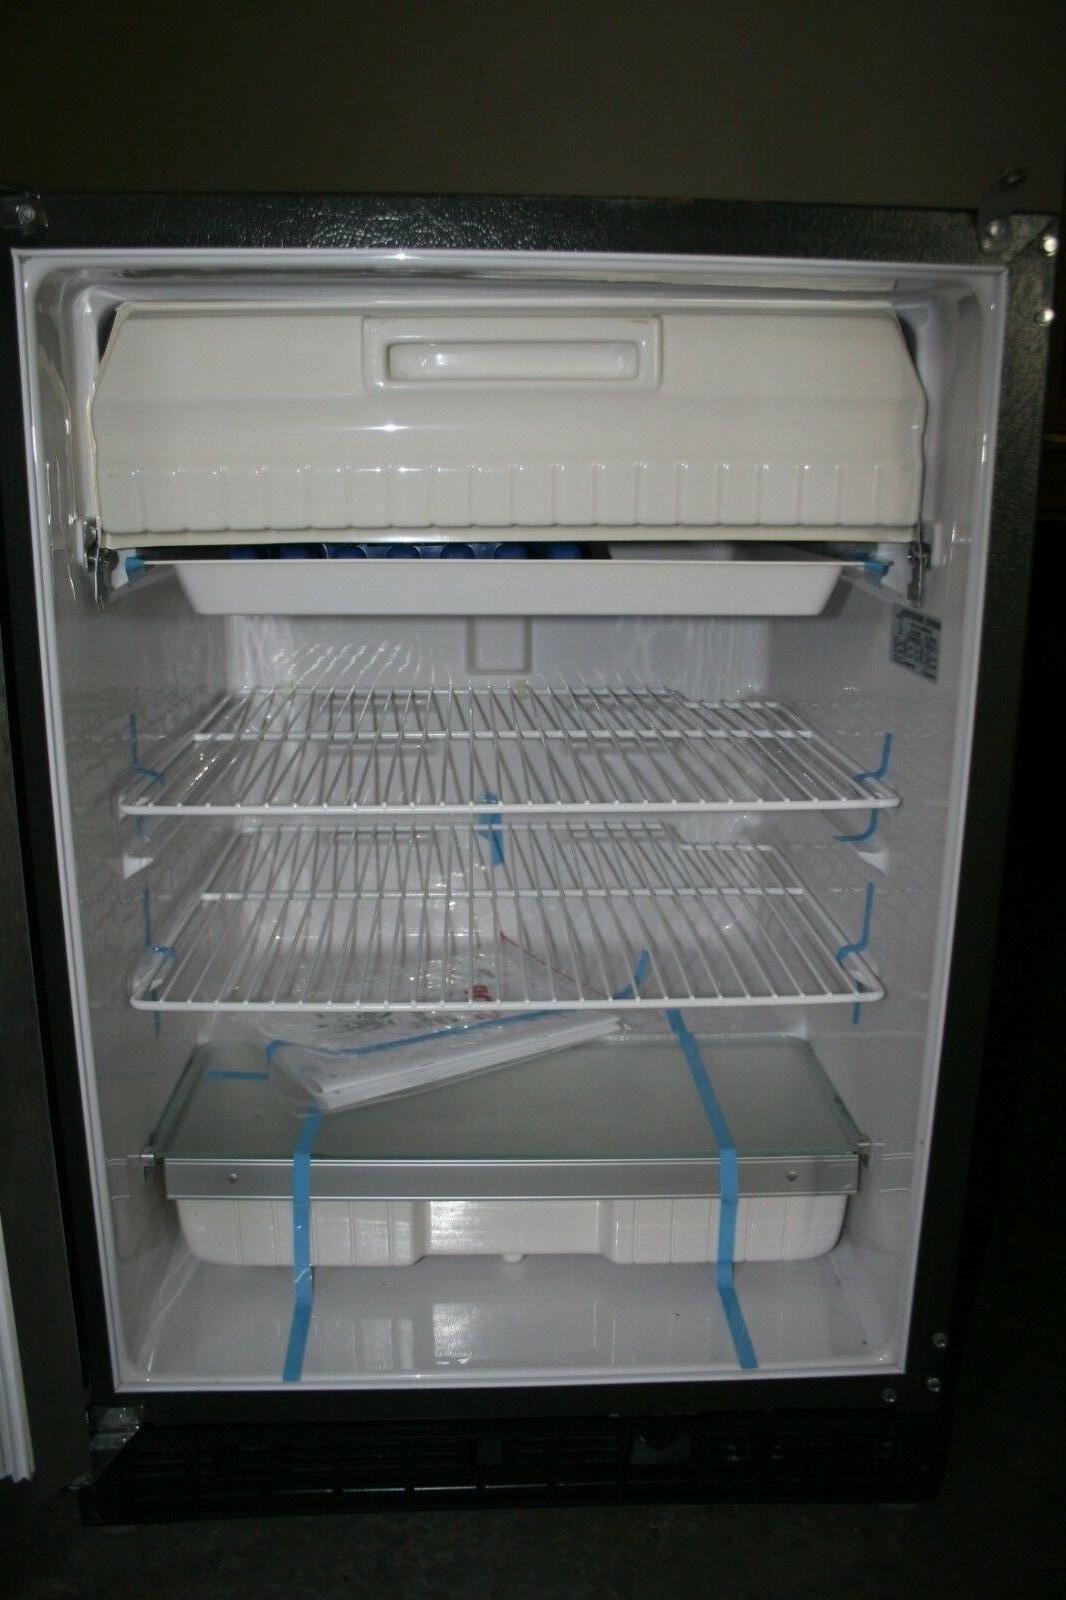 Marvel Refrigerator 6CRF0600, 115/230 Volt, 50/60 HZ, 1PH